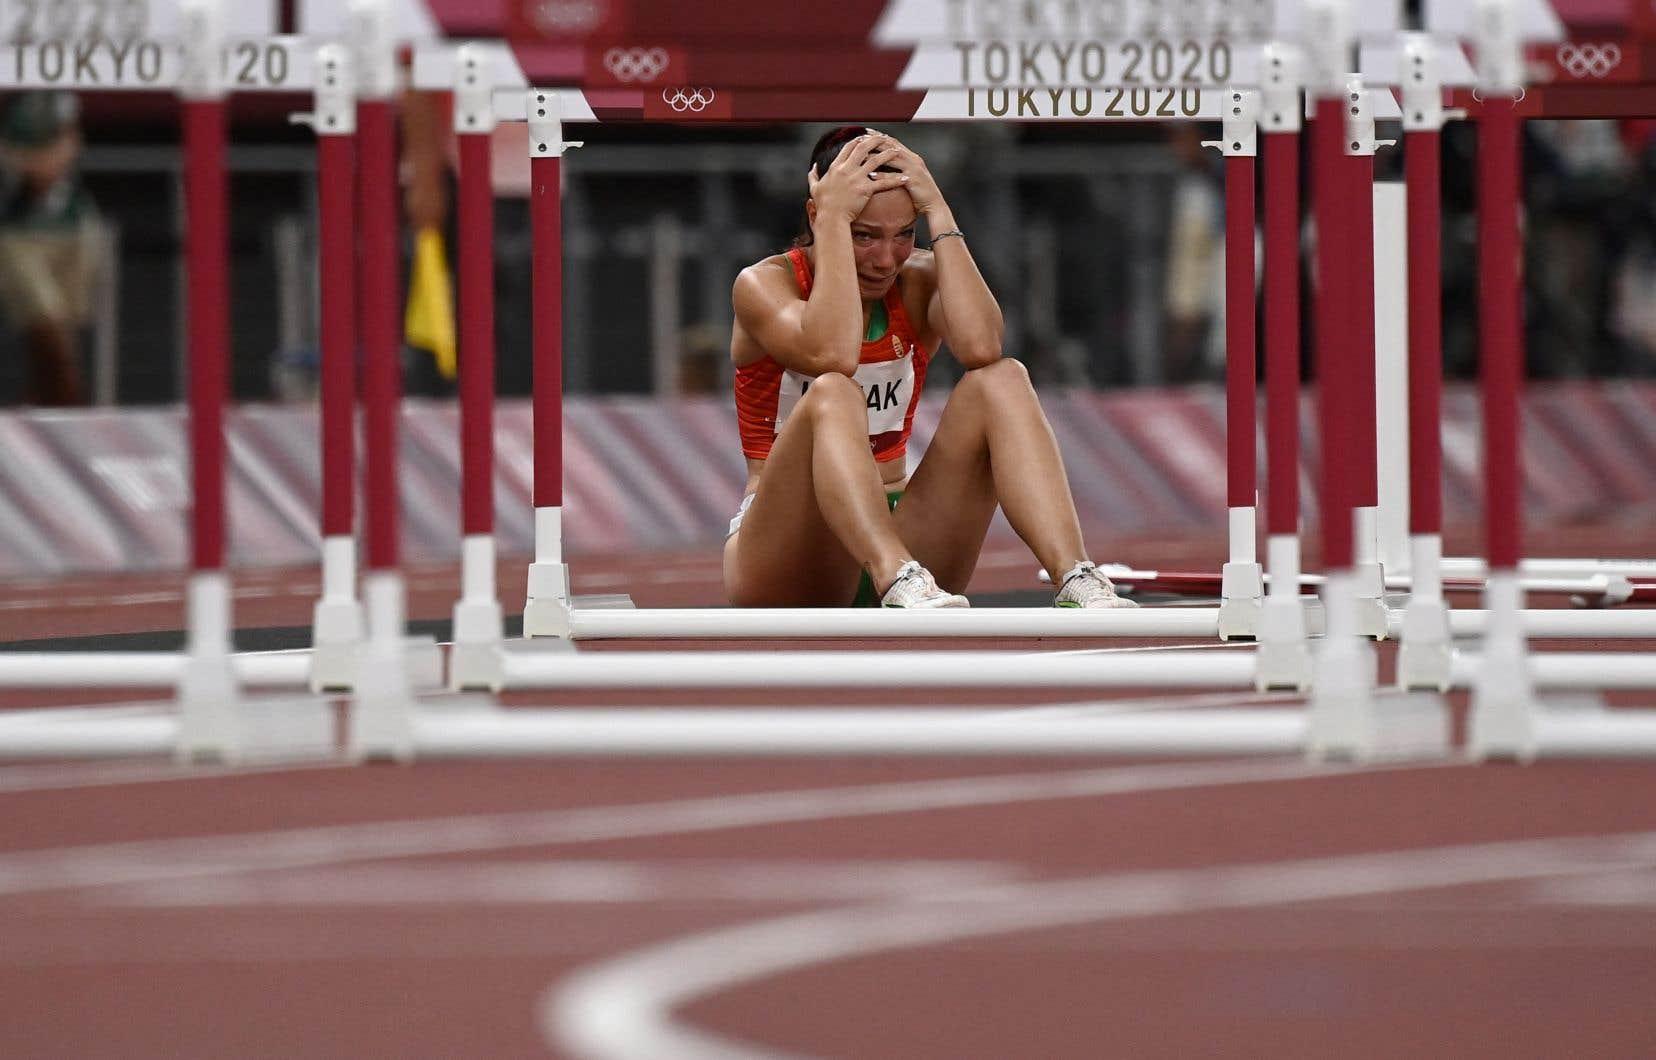 Gagner une médaille constitue le rêve ultime pour les athlètes de haut niveau. Nombre d'entre eux se sont surentraînés dans l'espoir d'atteindre cet objectif et, arrivés à Tokyo, ils se rendent compte de leur état et angoissent.